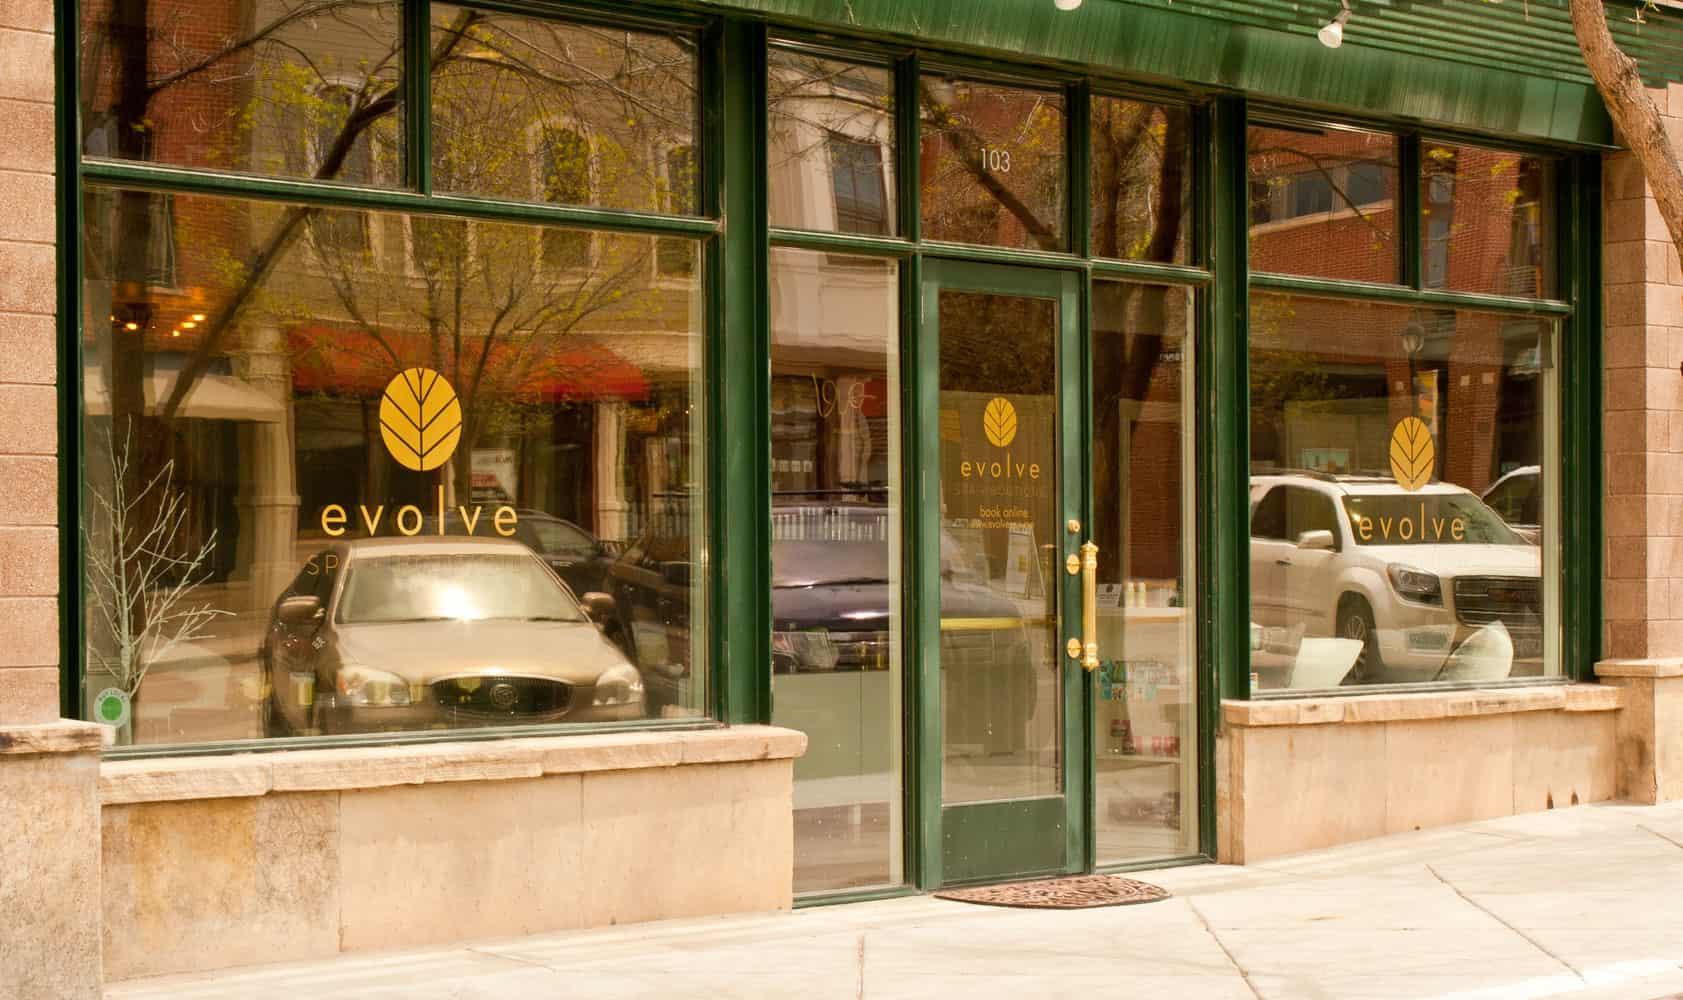 Evolve Spa + Boutique Local Business Spotlight Dot Zero Multimedia